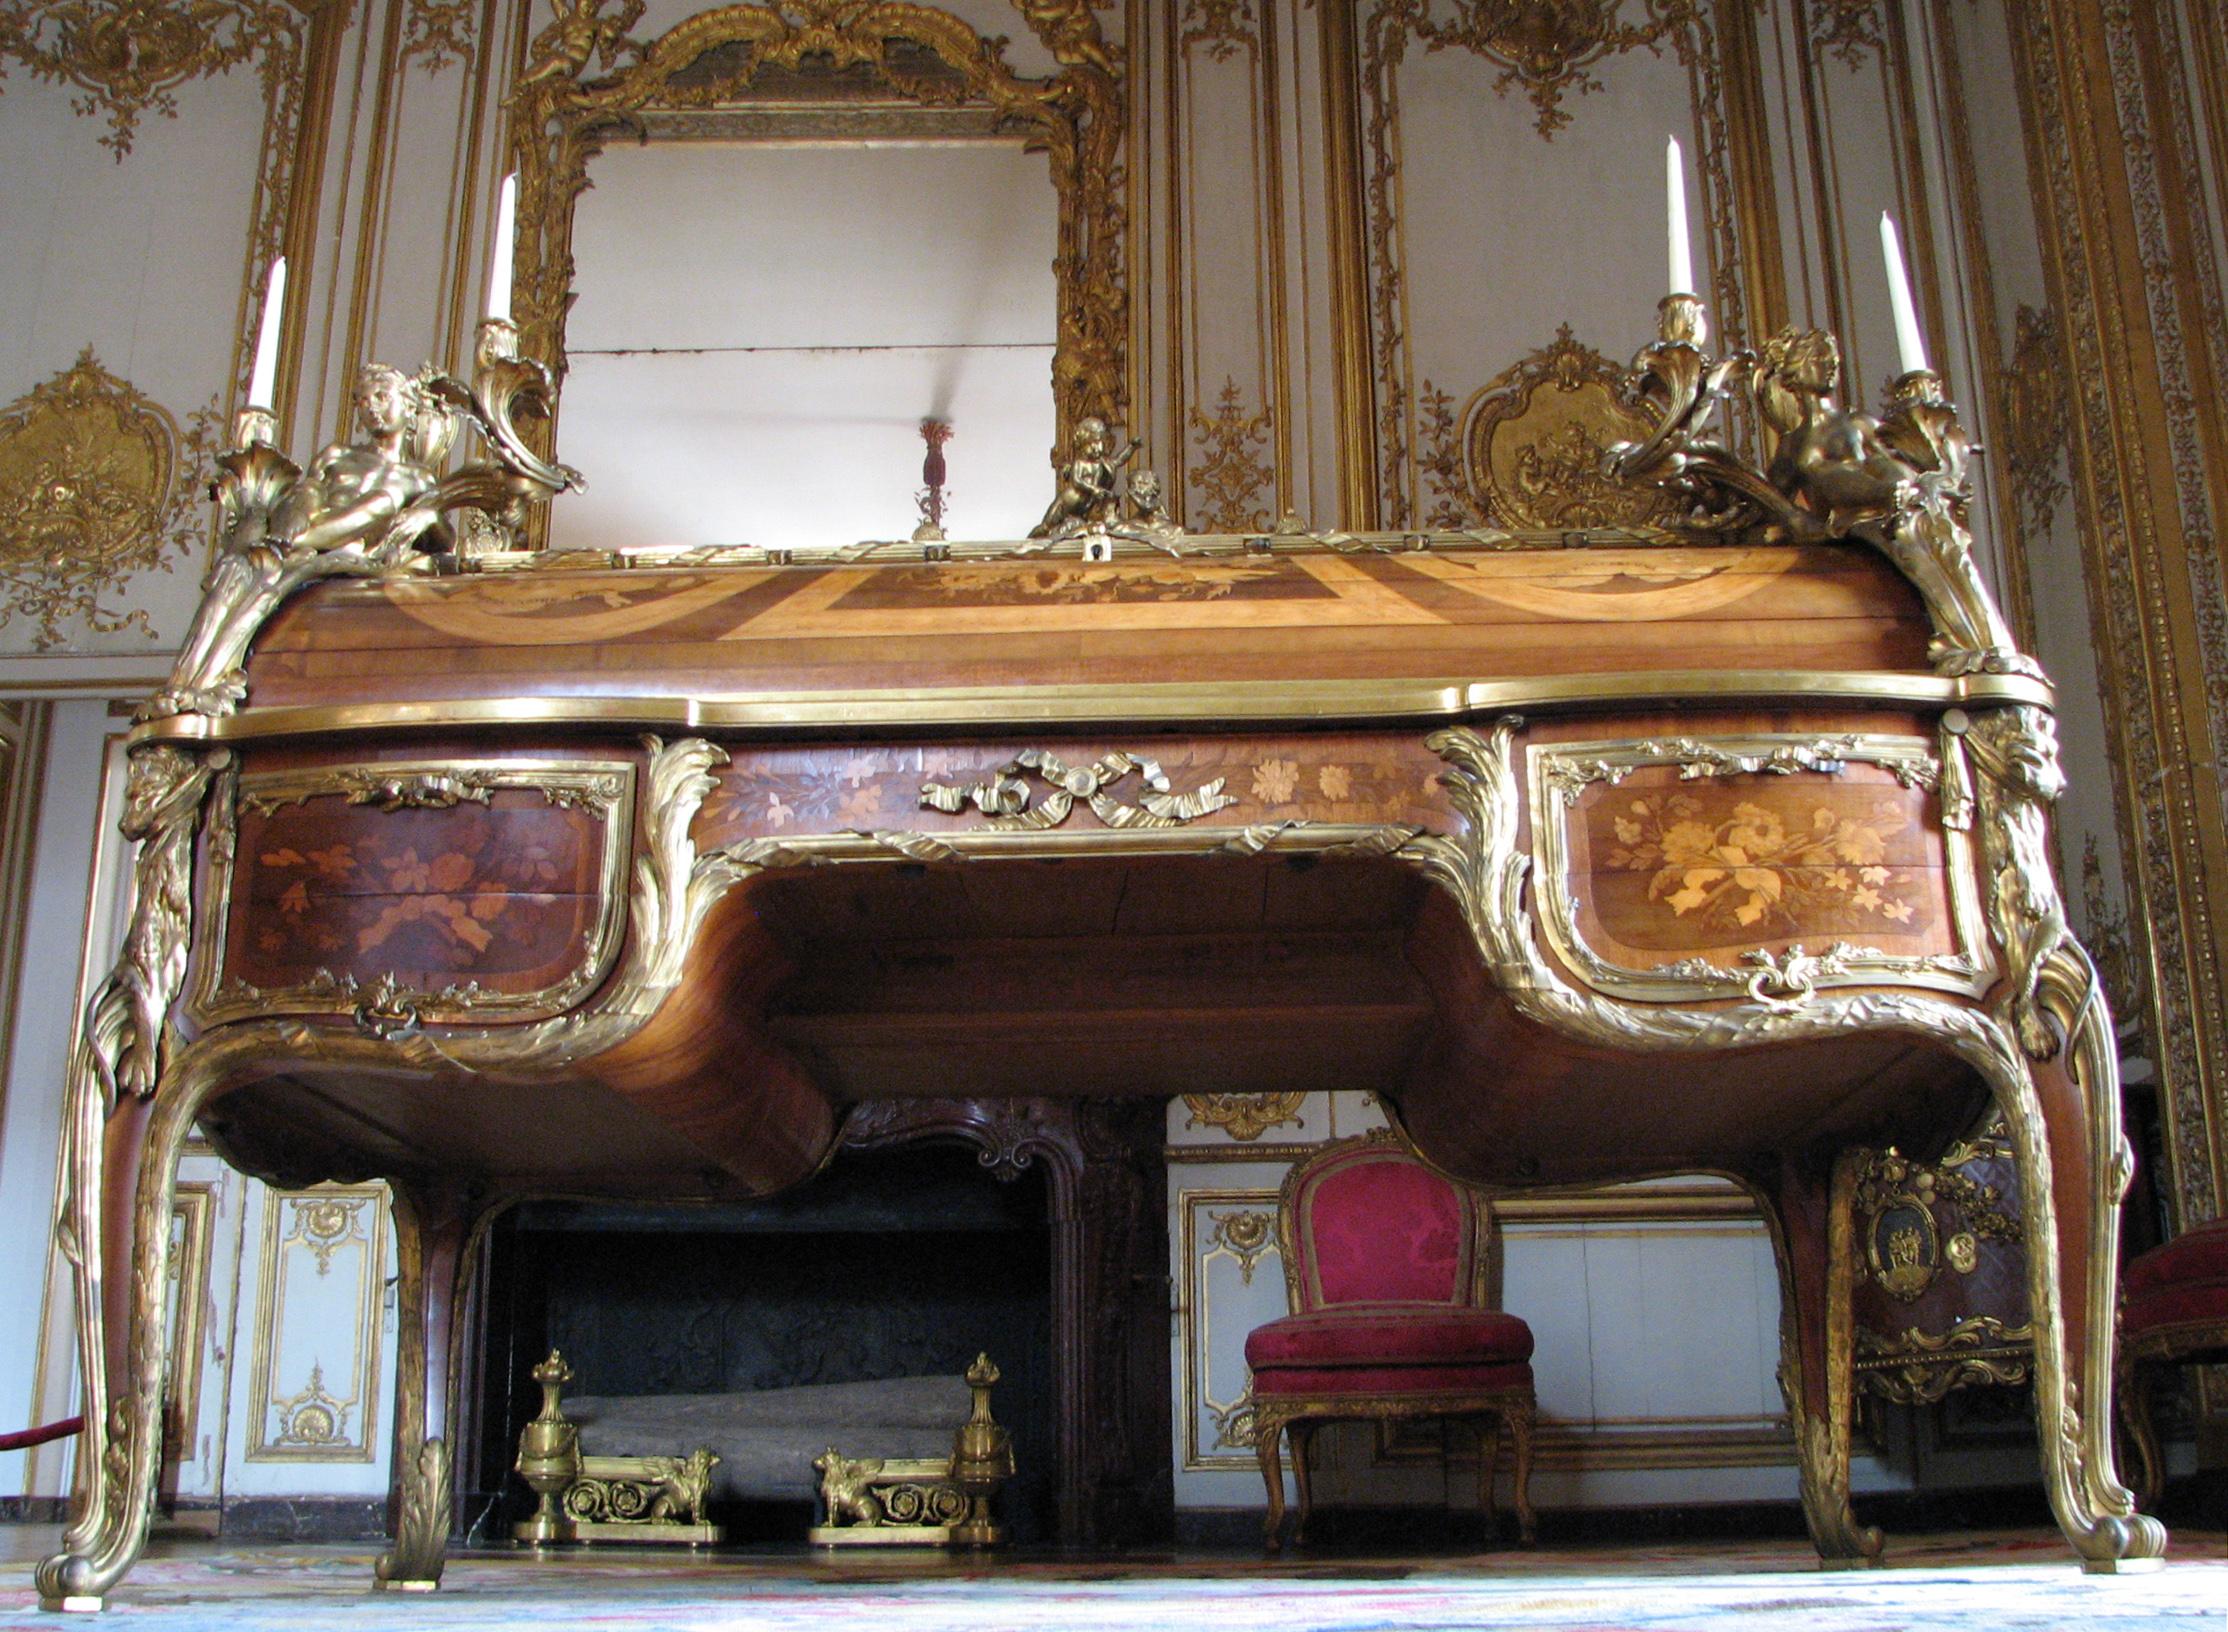 File:bureau du roi vu de face et du bas image redressée.jpg